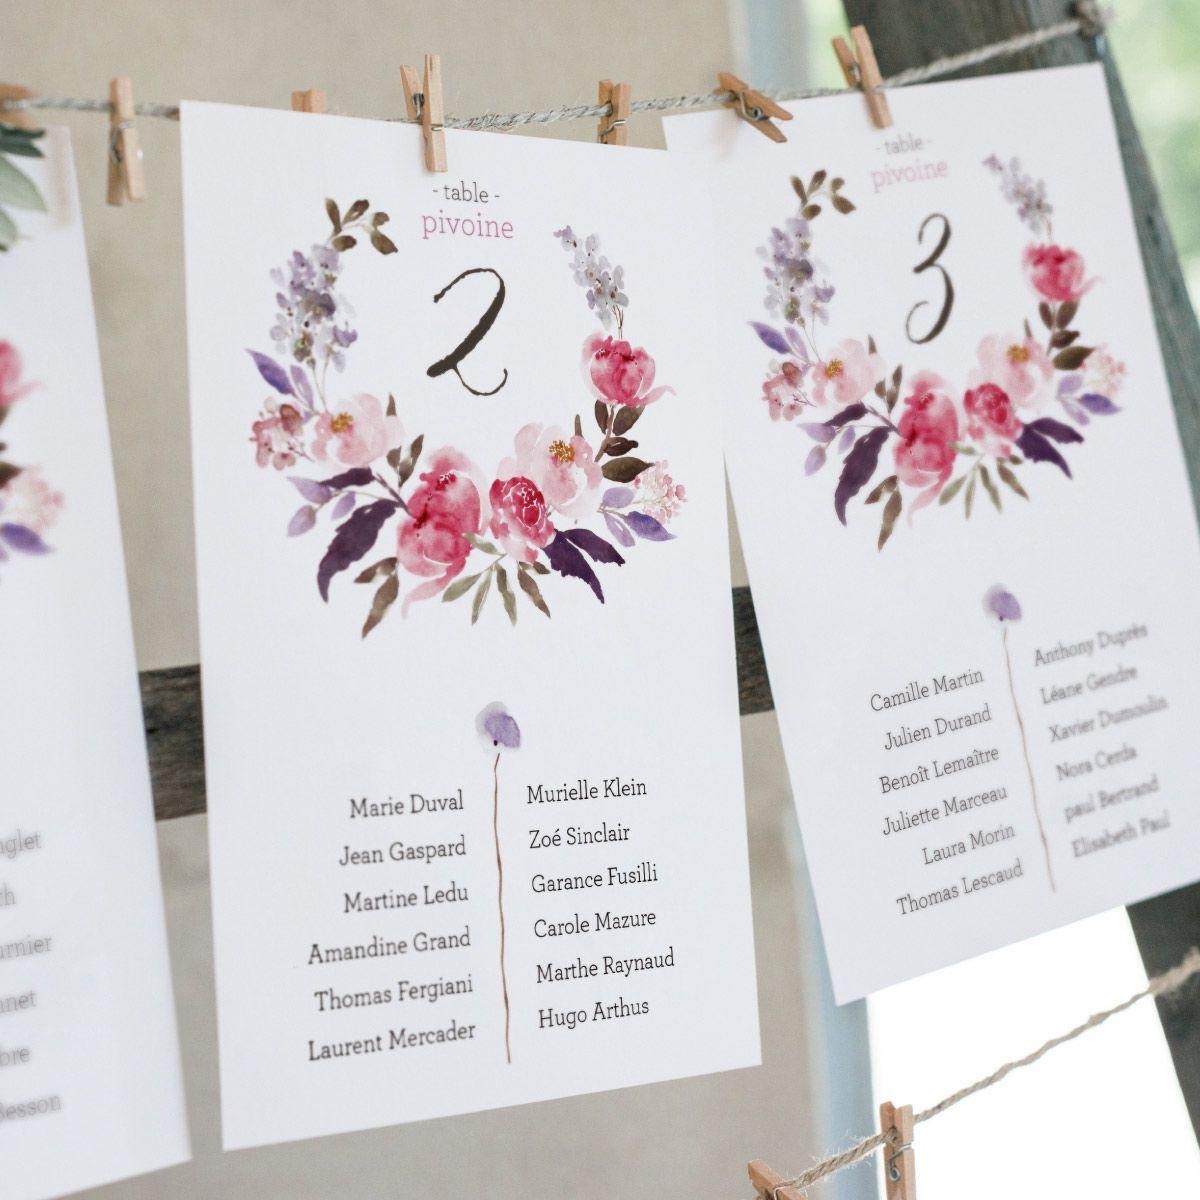 Grande Carte Avec Les Noms De Vos Convives Et Leur Place A Table Une Carte Par Table Ave Idee Nom De Table Mariage Nom De Table Mariage Plan De Table Mariage